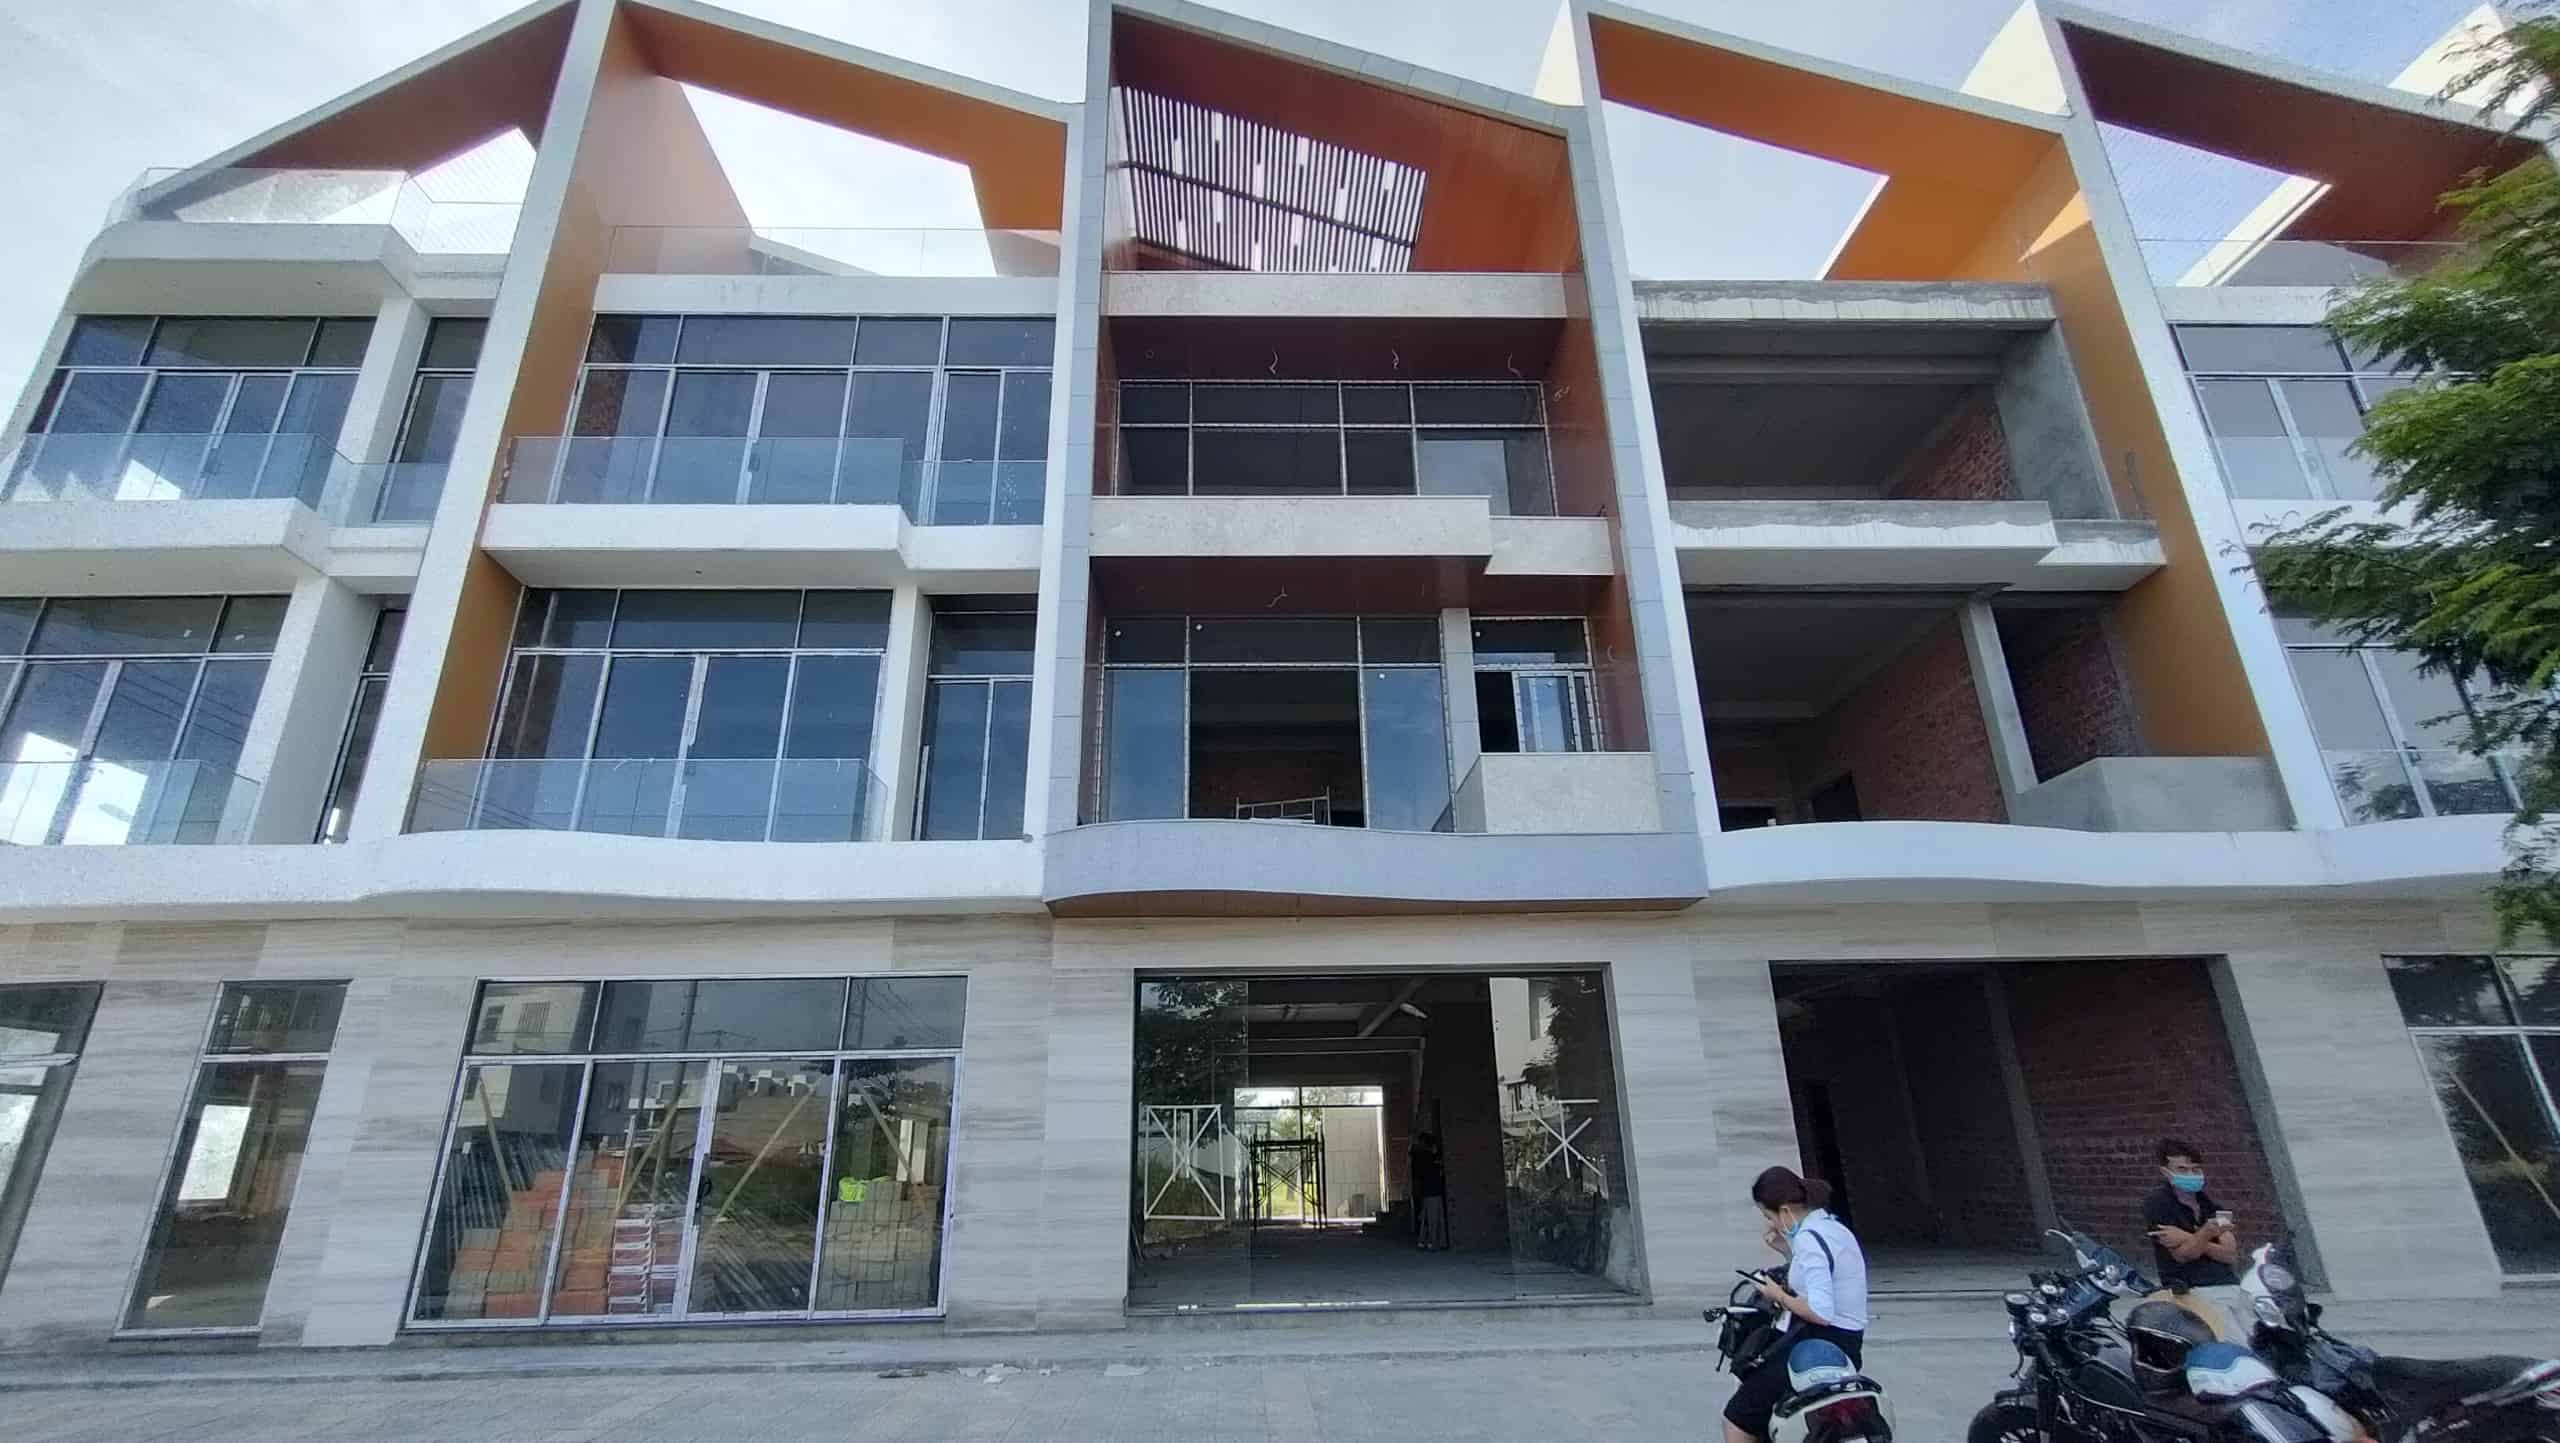 [HOT] Bán shophouse dự án The Oriana giá ưu đãi mùa Covid